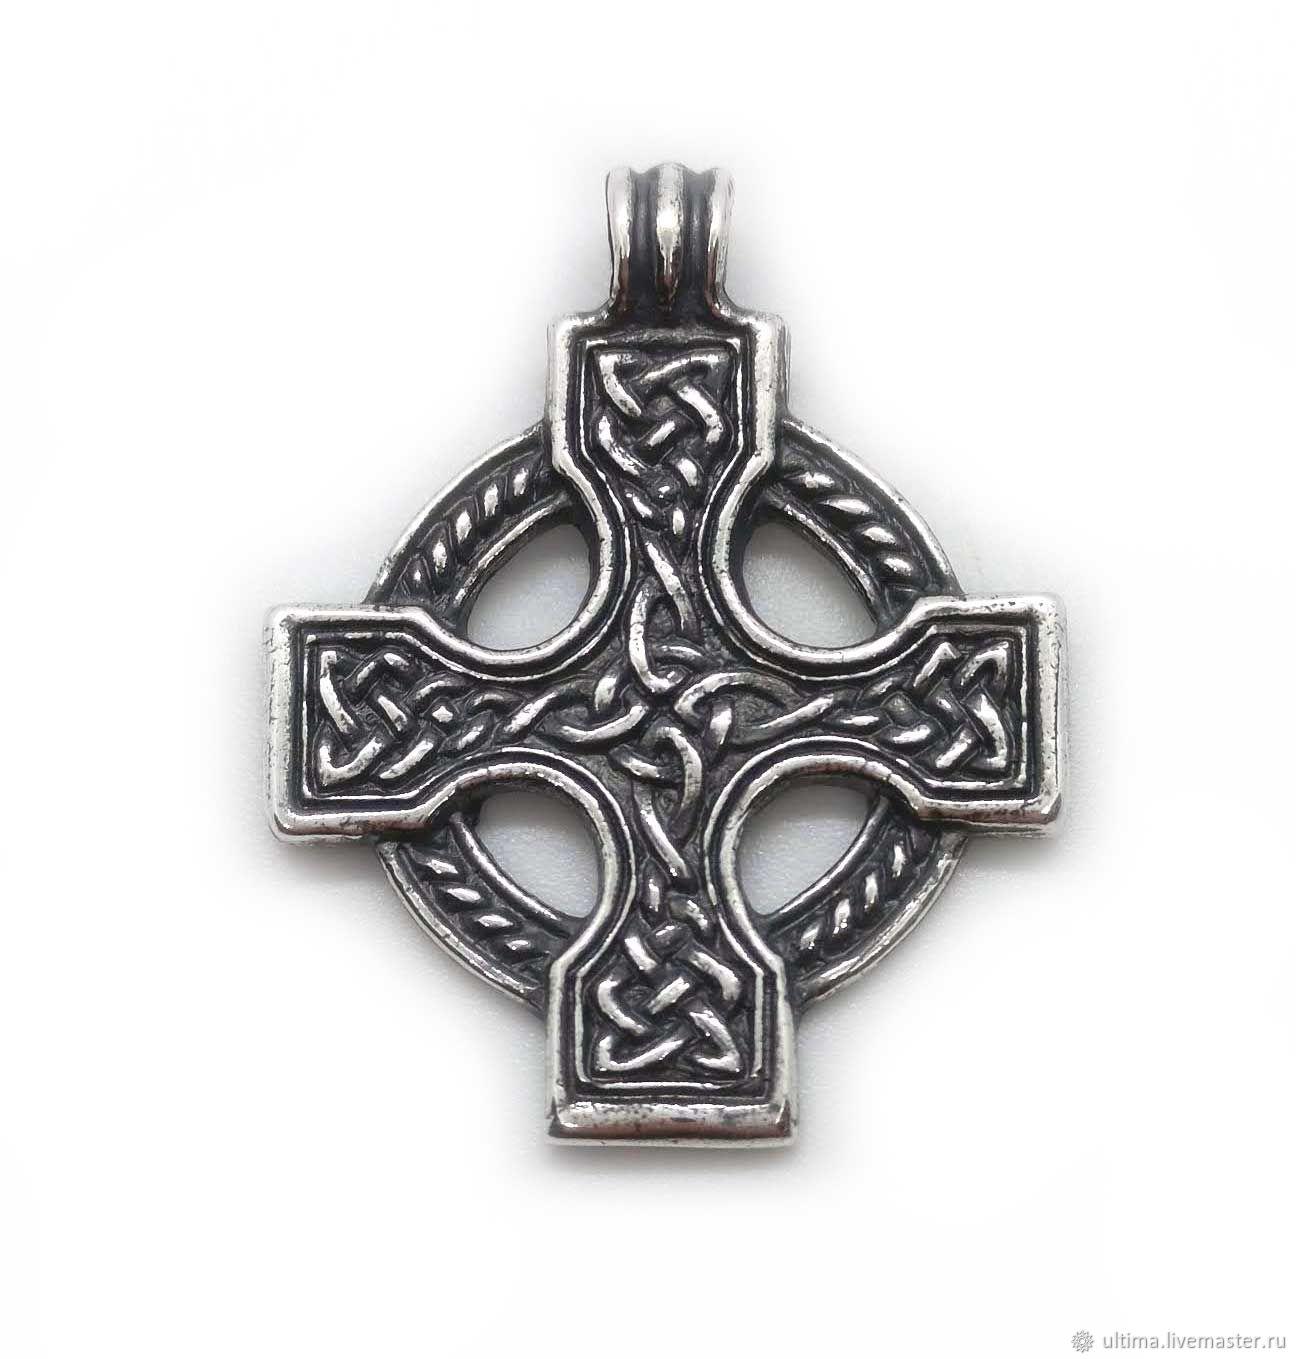 Картинки крест внутри кельтского креста